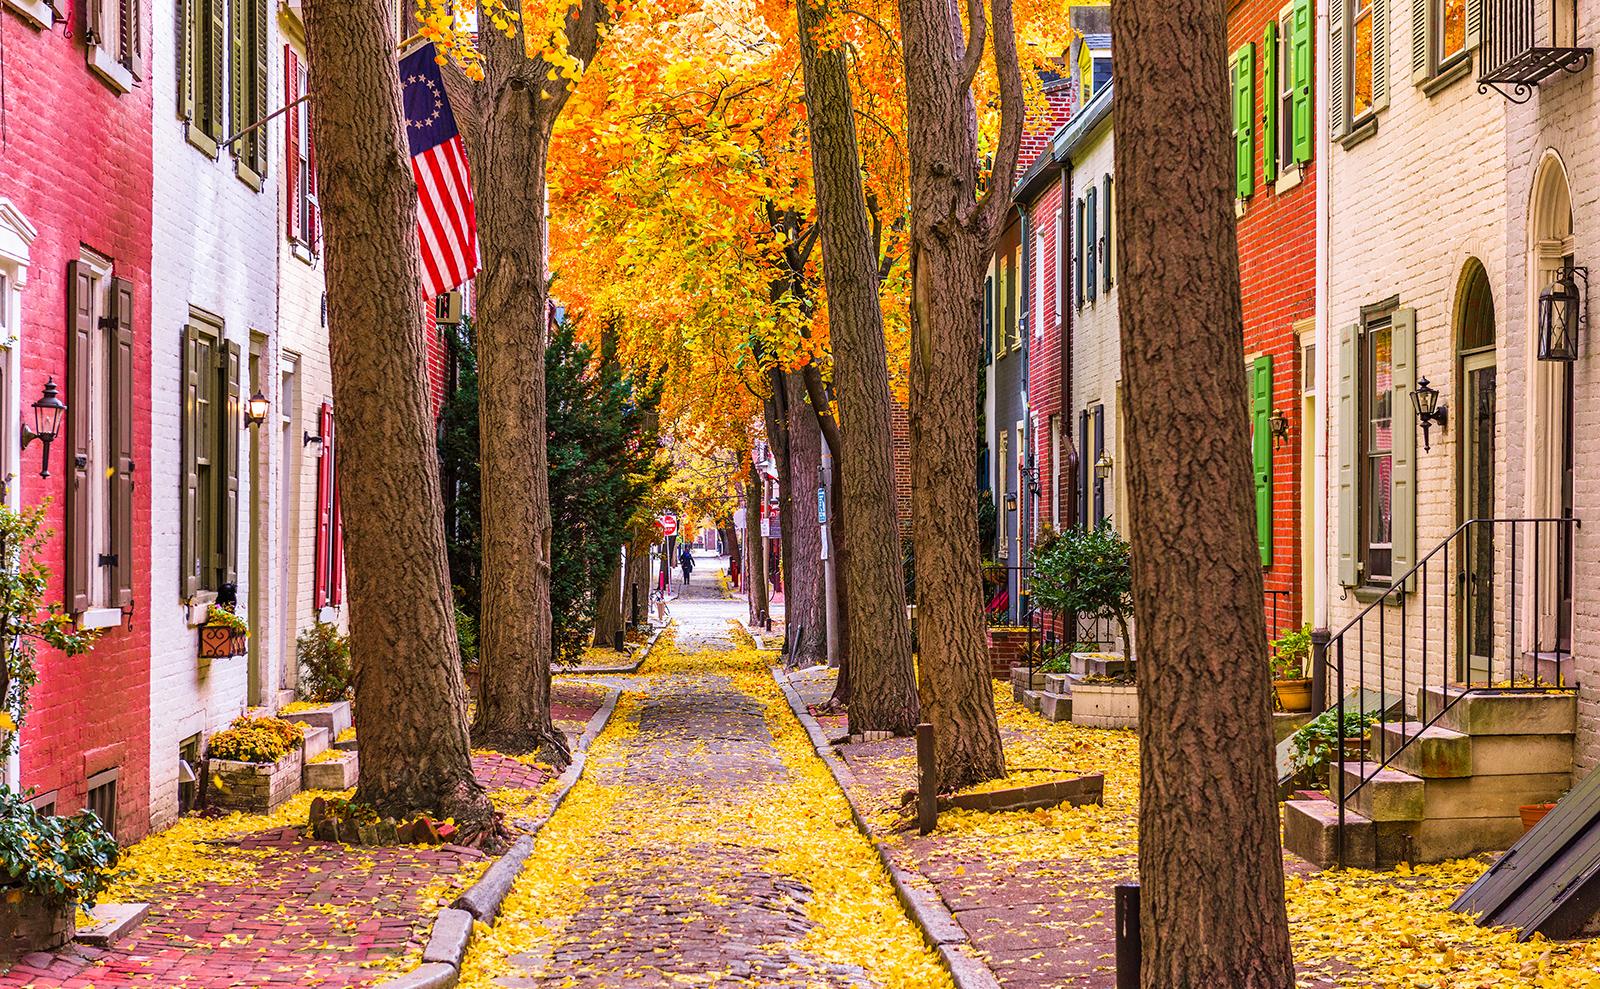 fall leaves in a narrow street in philadelphia